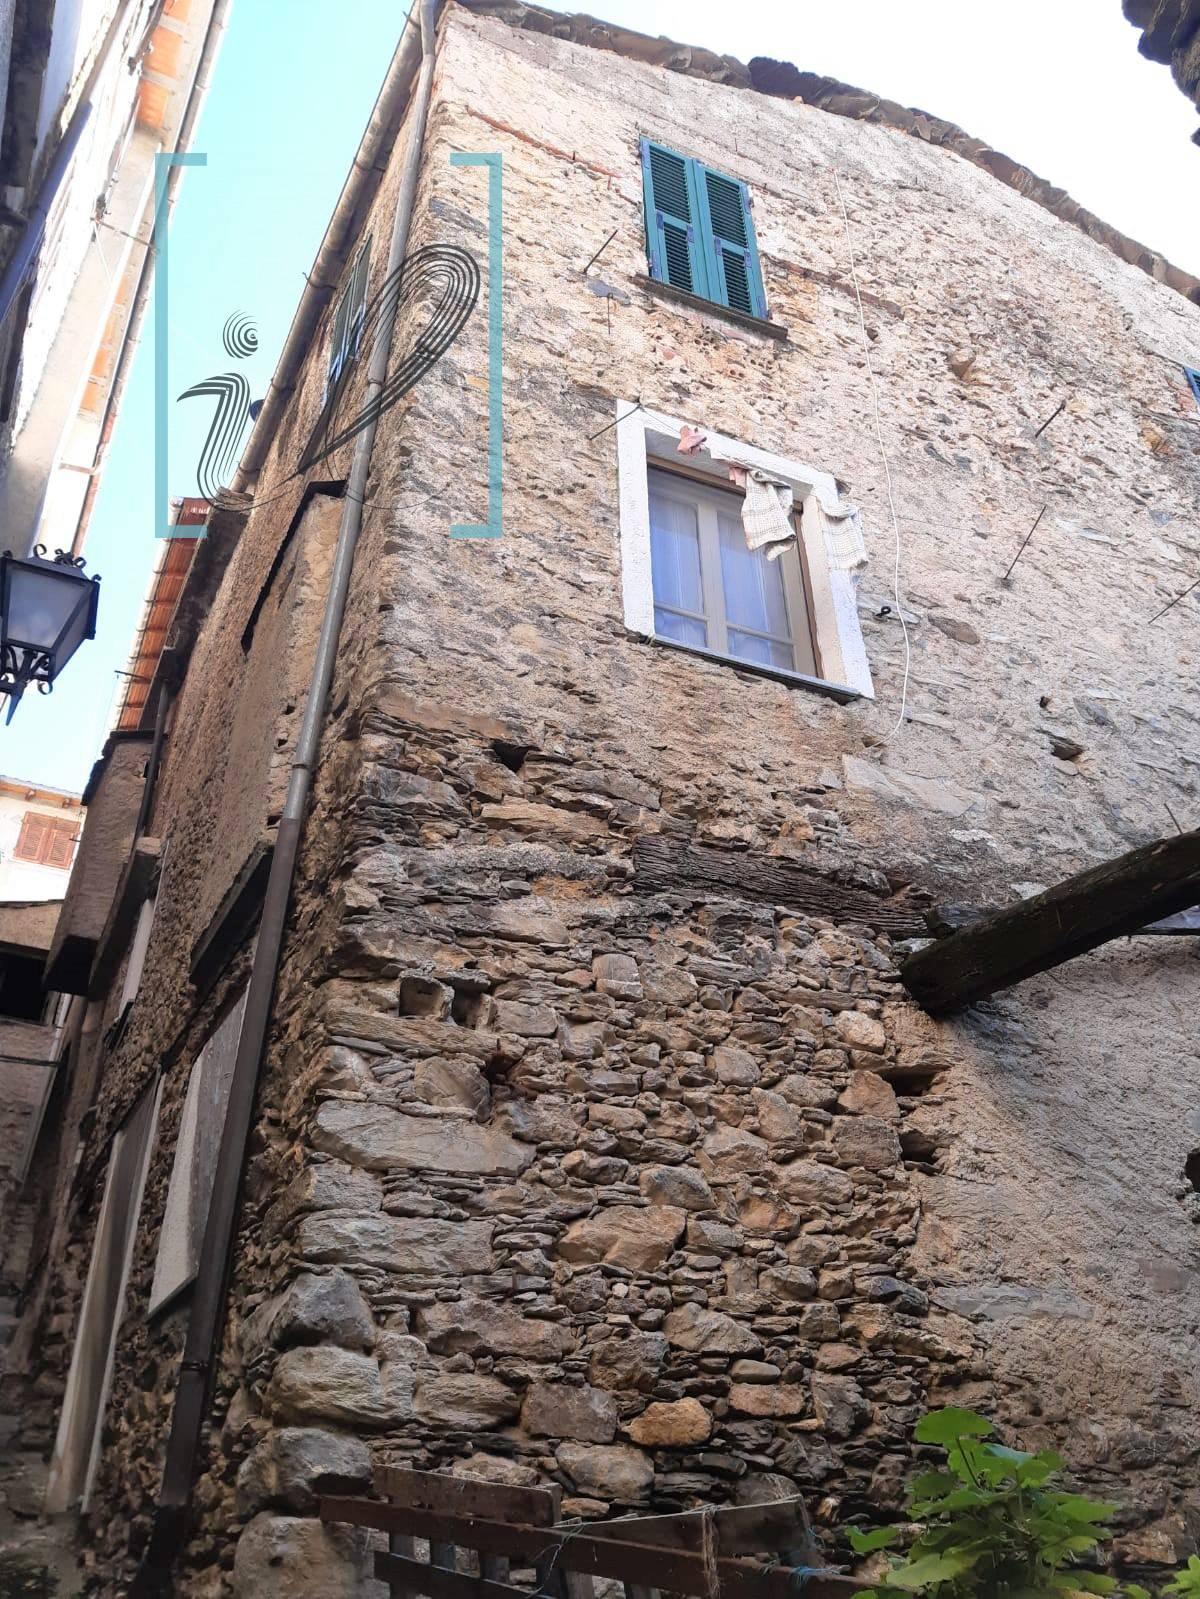 Rustico / Casale in vendita a Cosio di Arroscia, 4 locali, prezzo € 27.000 | PortaleAgenzieImmobiliari.it